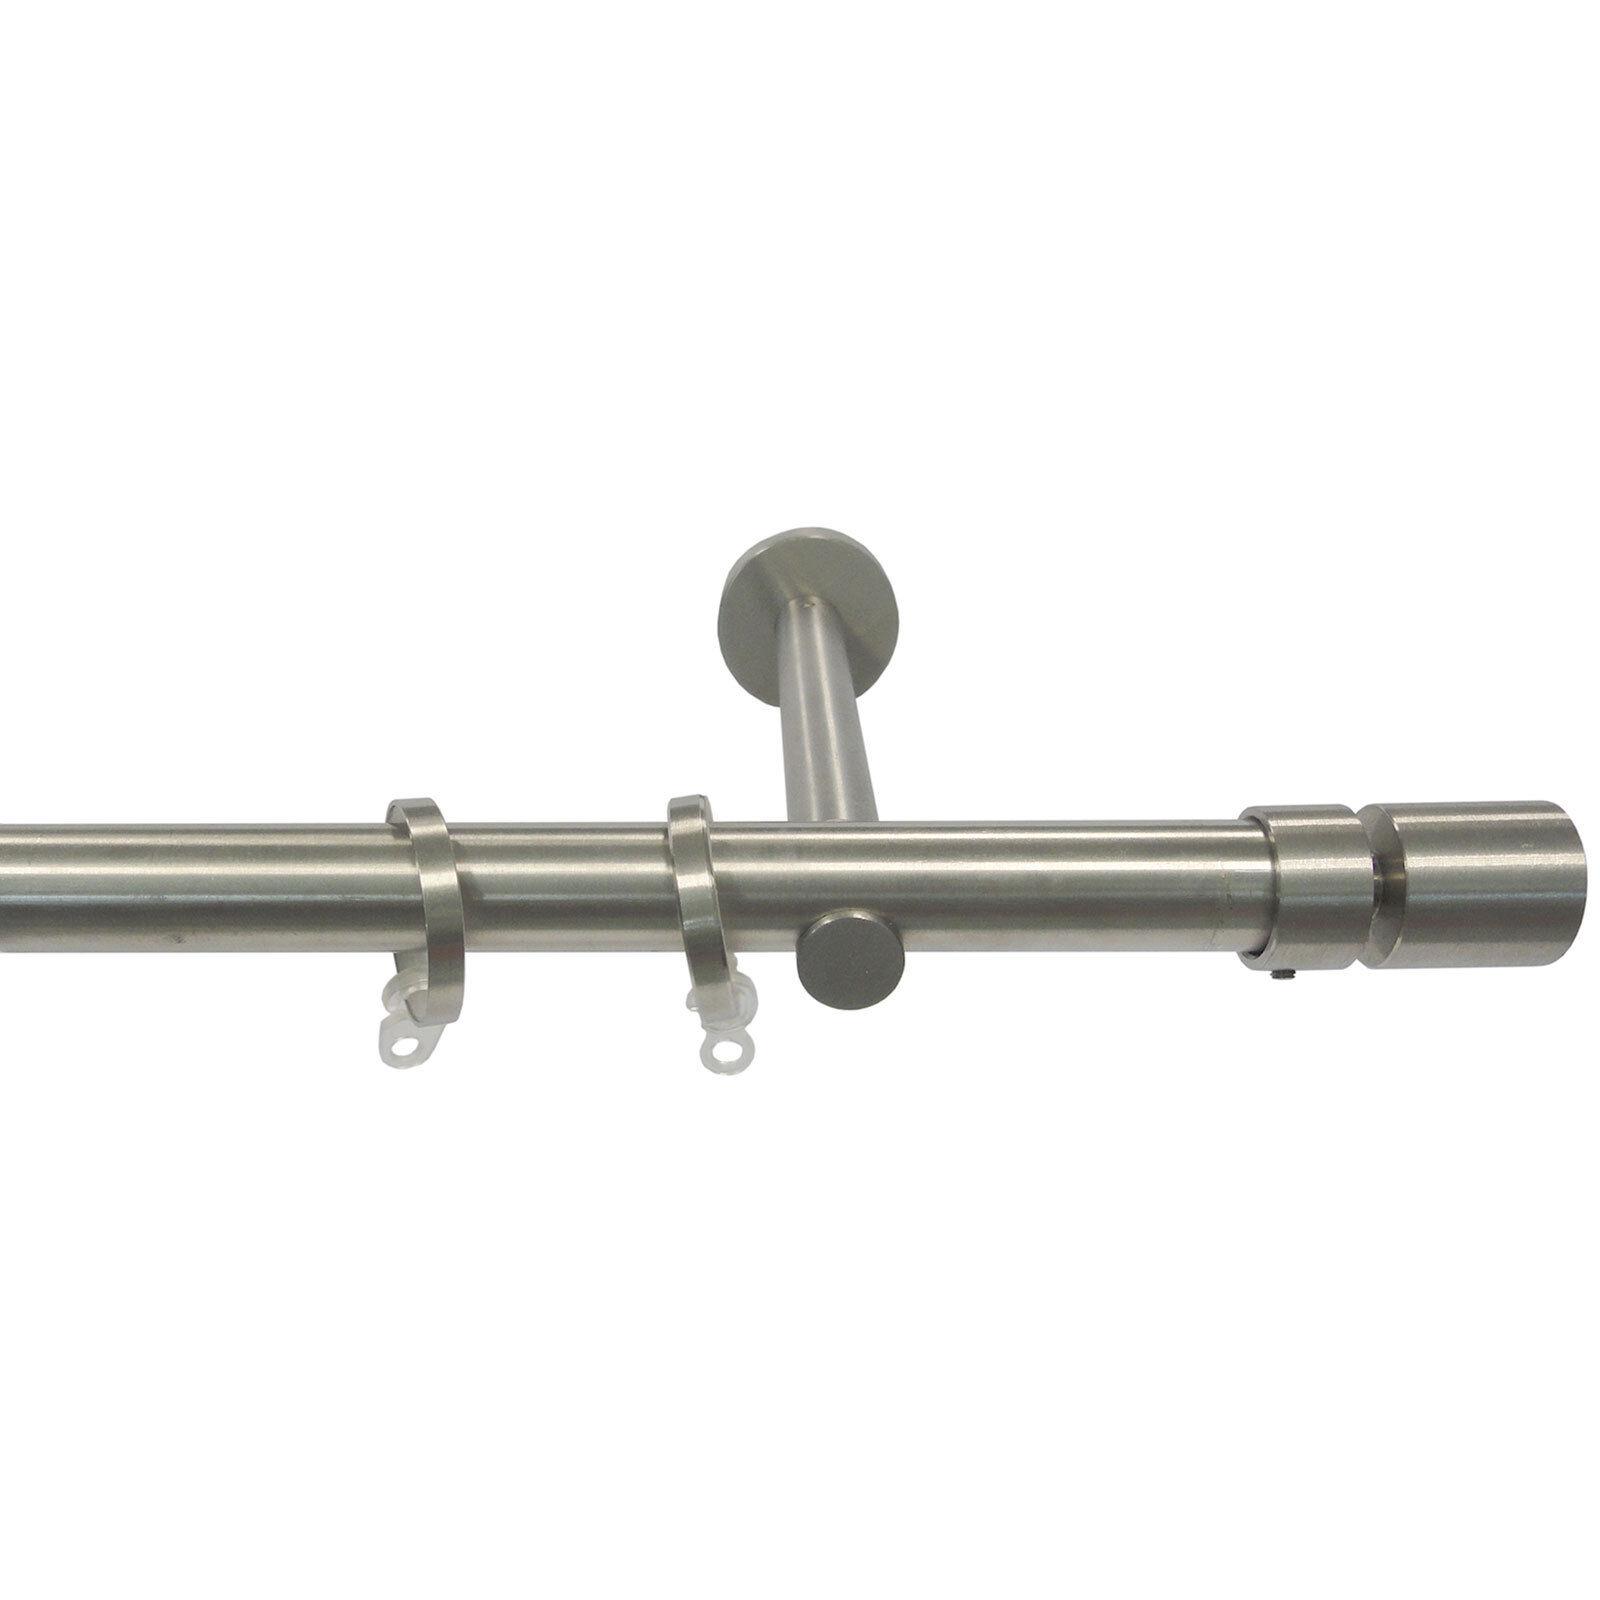 Bastoni per Tende in Acciaio Inox Aisi 304 Satinato D.20mm Completo Mod.AI20B